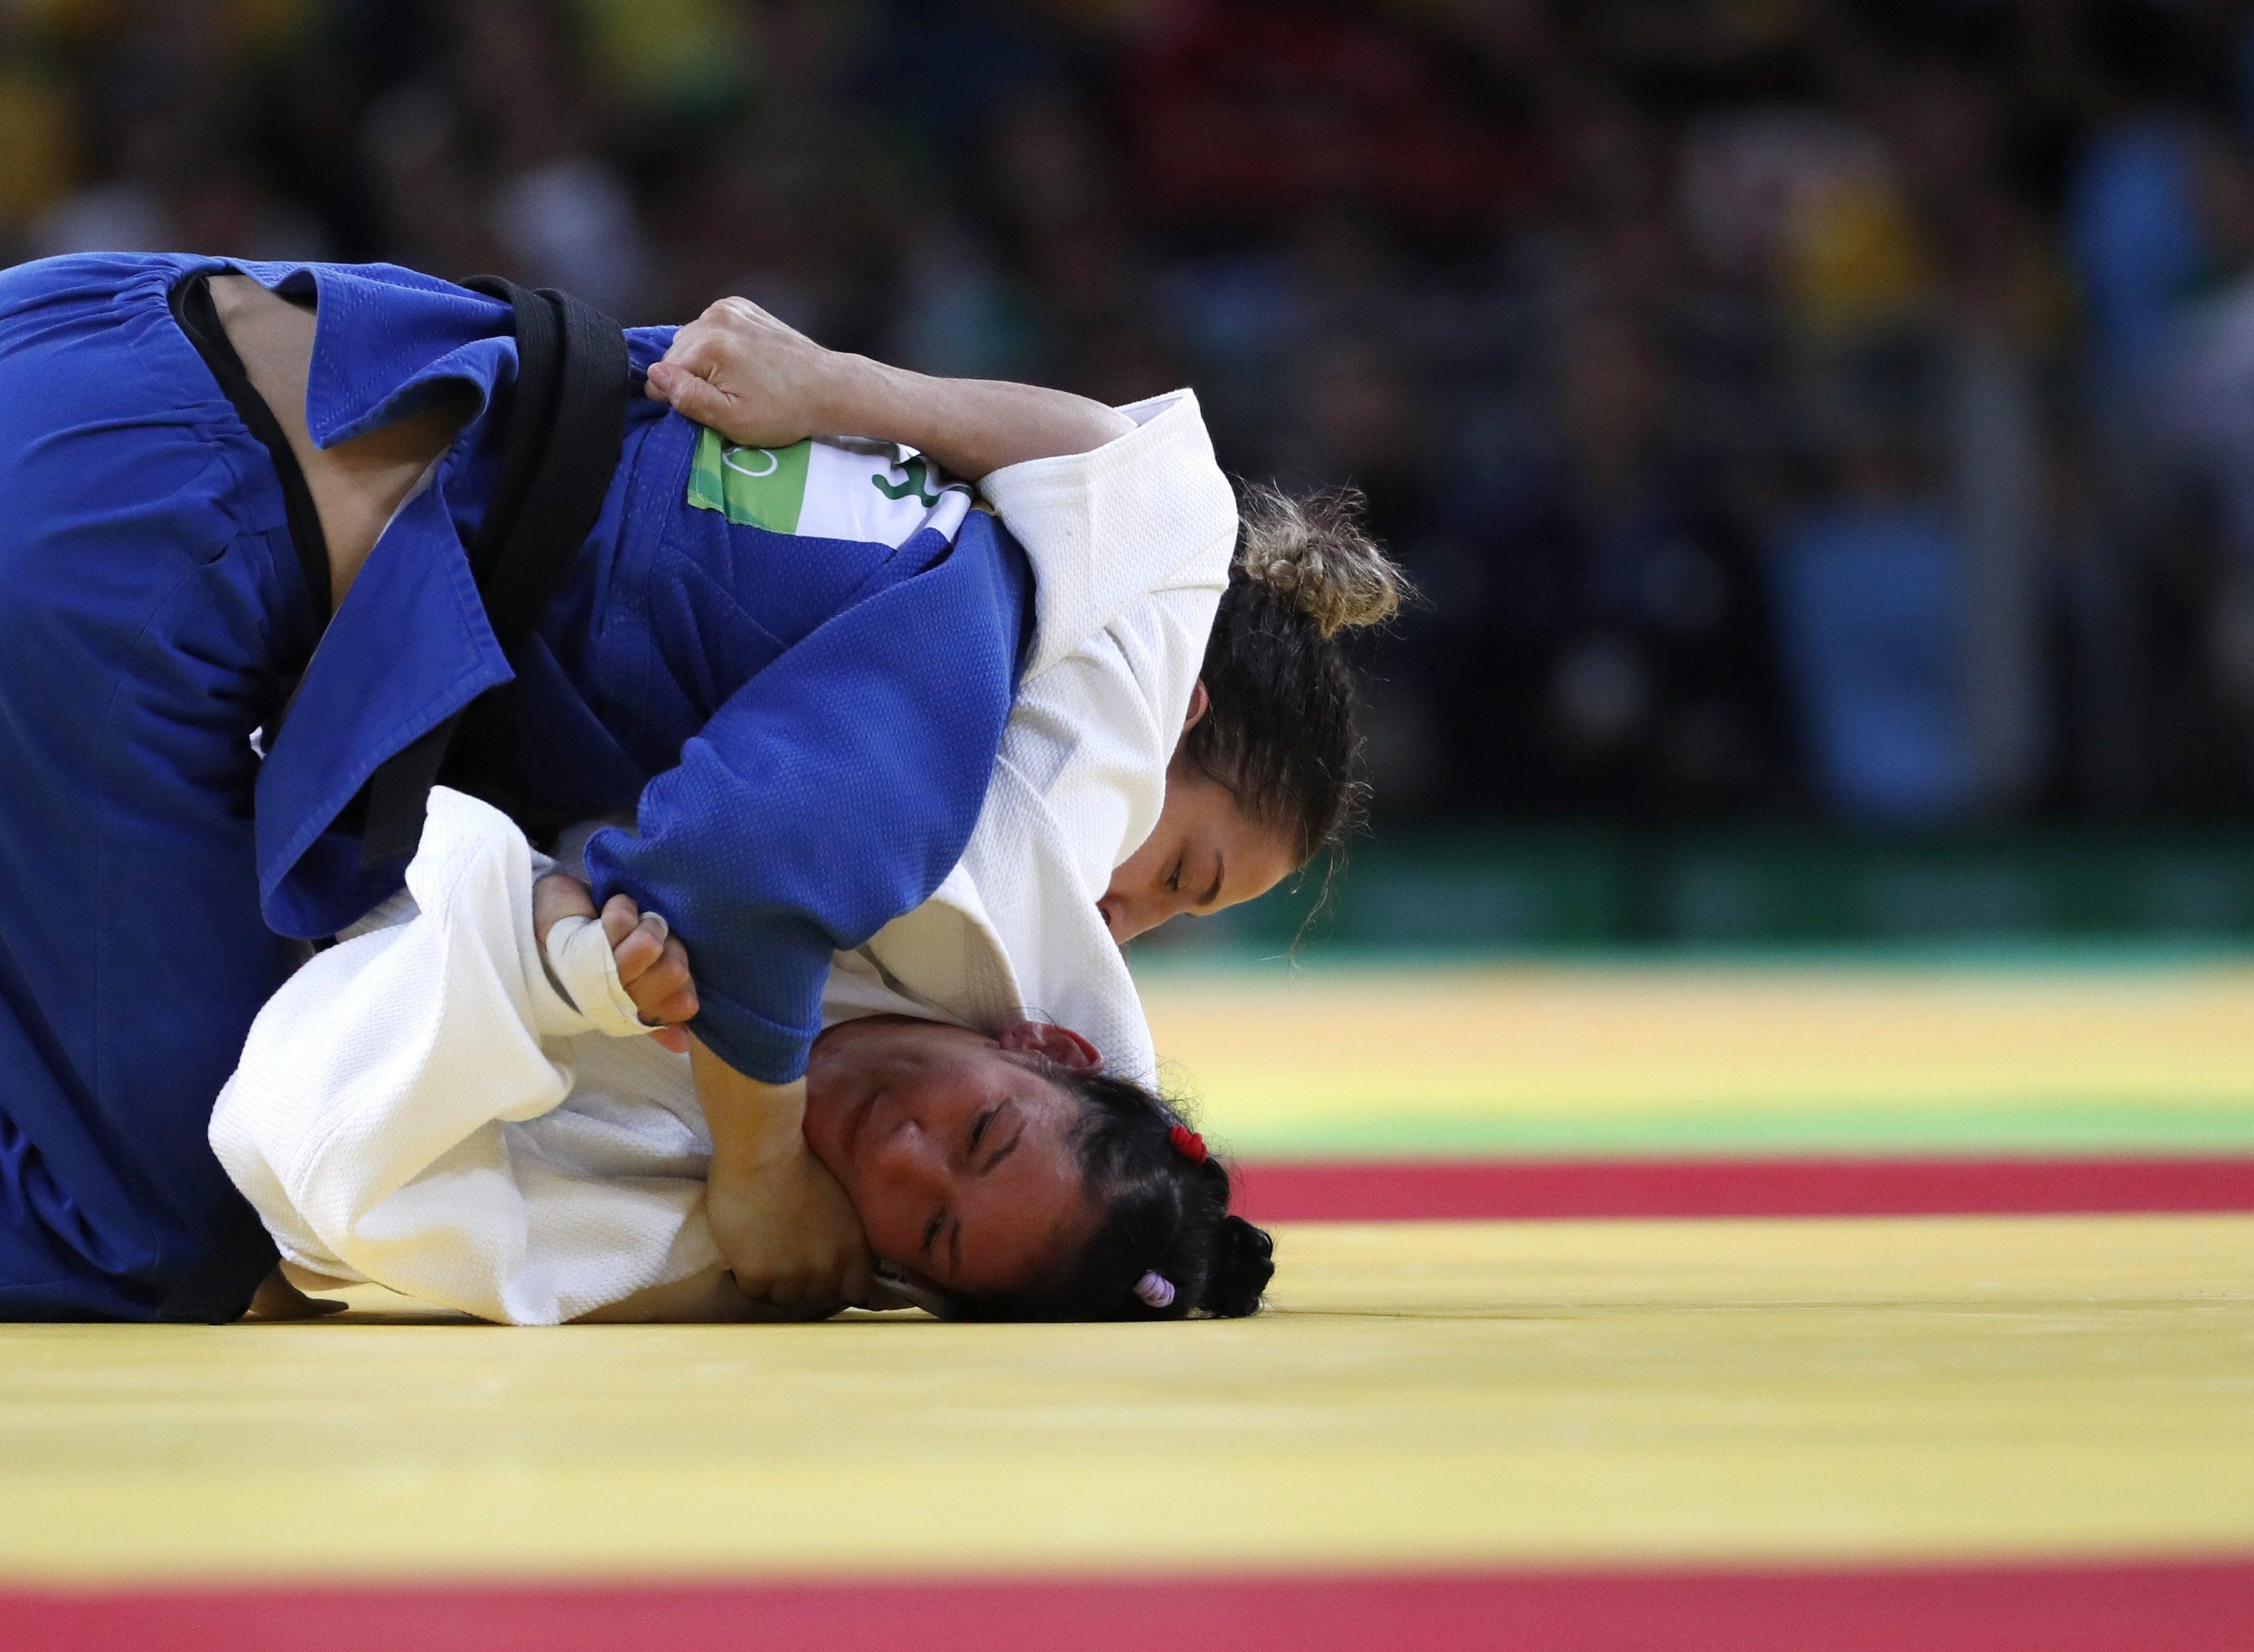 JJOO523. RÍO DE JANEIRO (BRASIL), 11/08/2016.- Mayra Aguiar de Brasil (i) compite con Yalennis Castillo (d) de Cuba en un combate de judo en la categoría 78kg de los Juegos Olímpicos Río 2016 hoy, jueves 11 de agosto de 2016, en el Arena Carioca 2 del Parque Olímpico en Río de Janeiro. EFE/ORLANDO BARRÍA